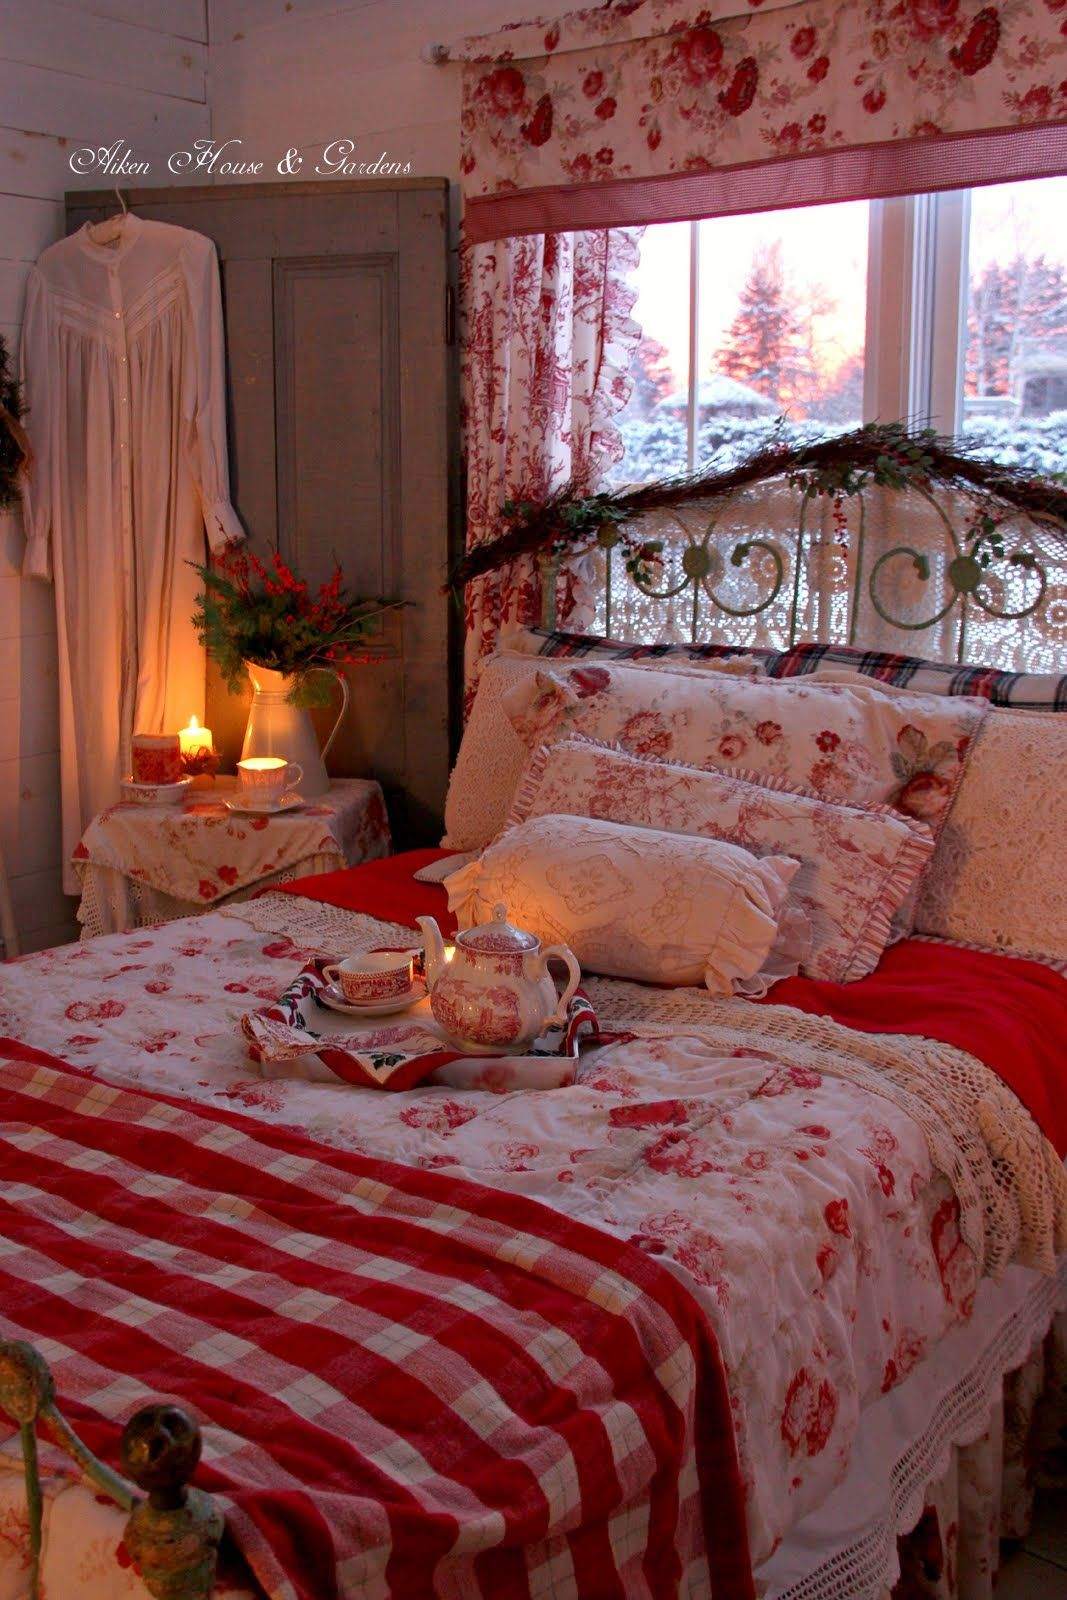 Pin van Marcia\'s Boards op Cozy Bedrooms | Pinterest - Slaapkamers ...